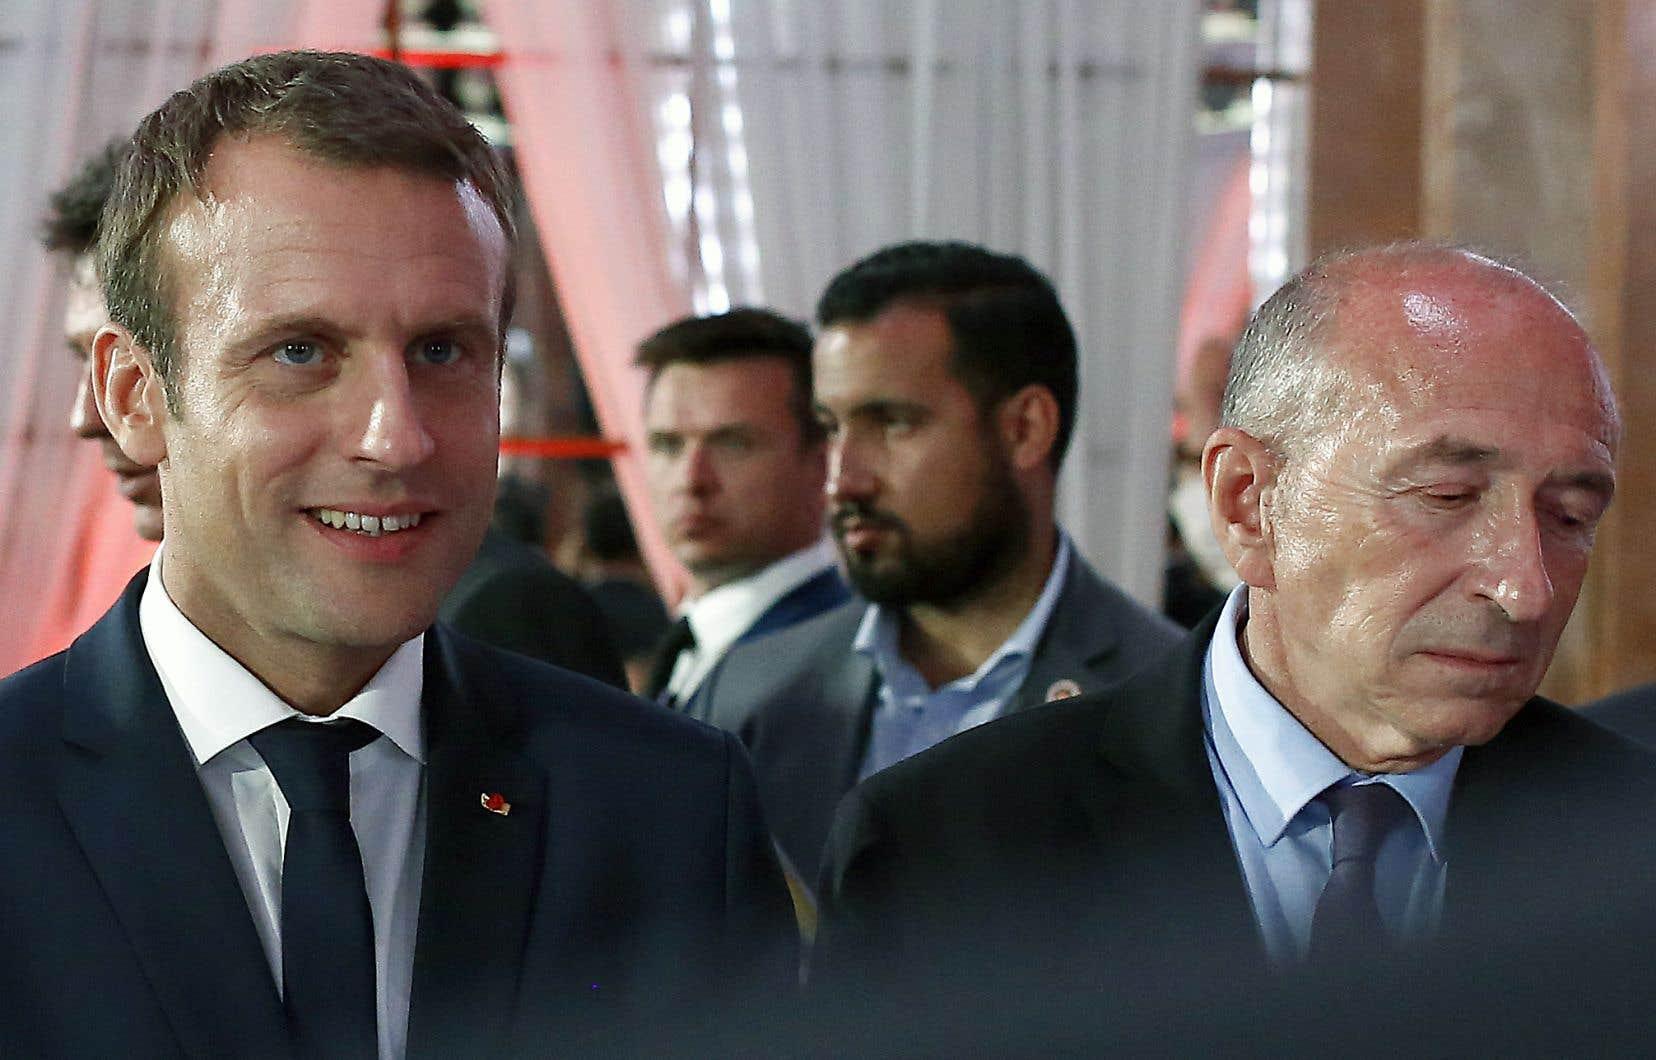 L'ex-collaborateur du président Macron Alexandre Benalla apparaît à l'arrière-plan sur cette photo prise en juin l'an dernier, aux côtés d'Emmanuel Macron et du ministre de l'Intérieur, Gérard Collomb (à droite).